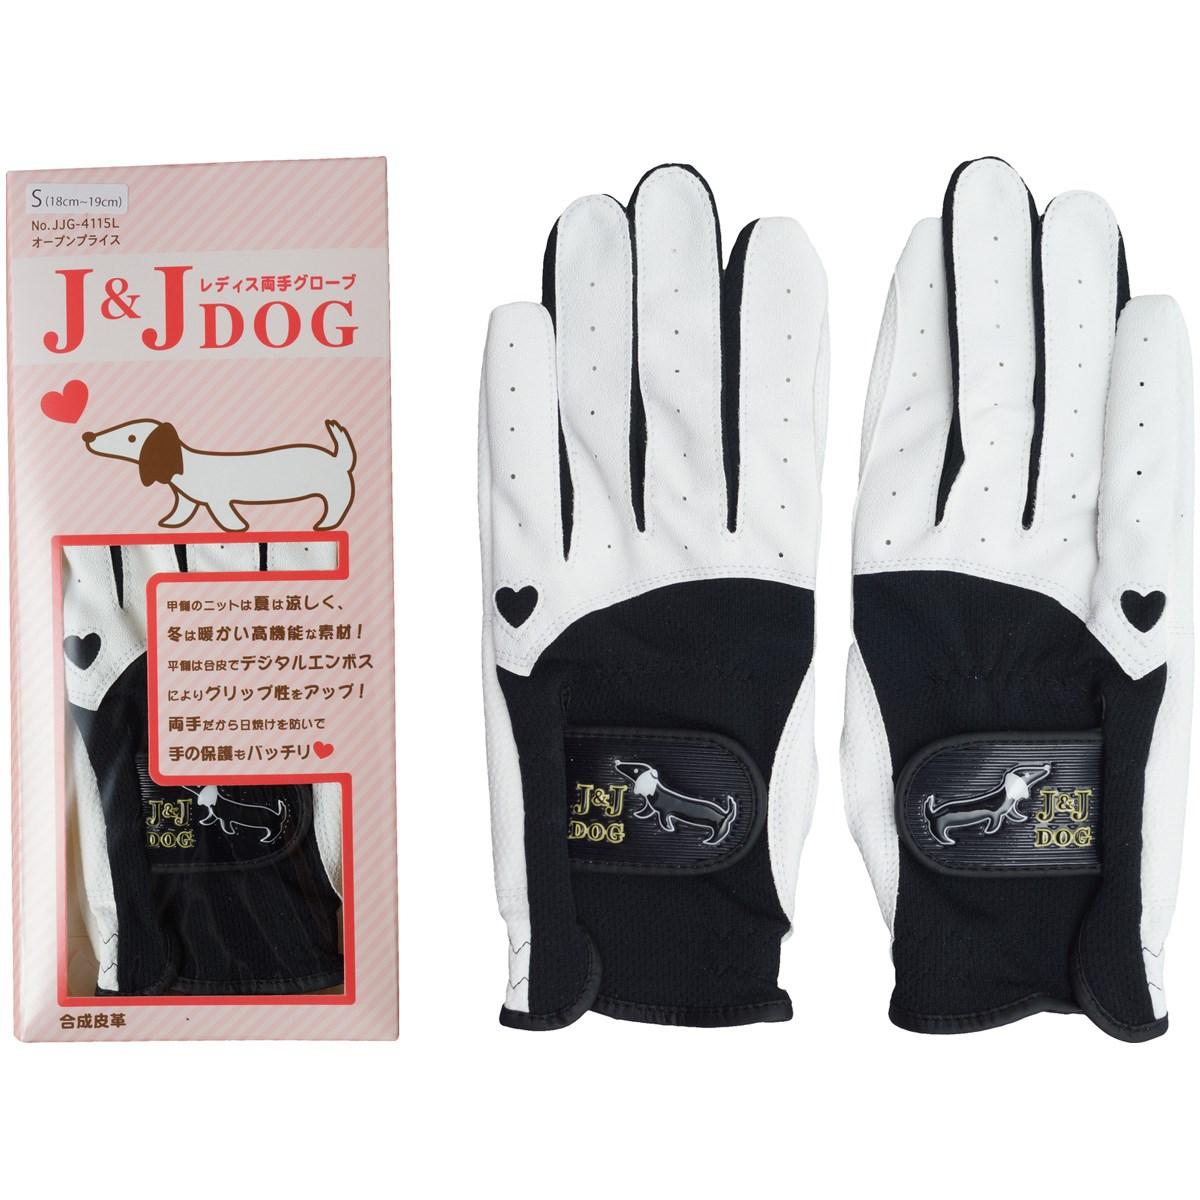 その他メーカー JACK & JACQUELINE グローブ 両手用 JJ GLV JJG-4115Lレディス